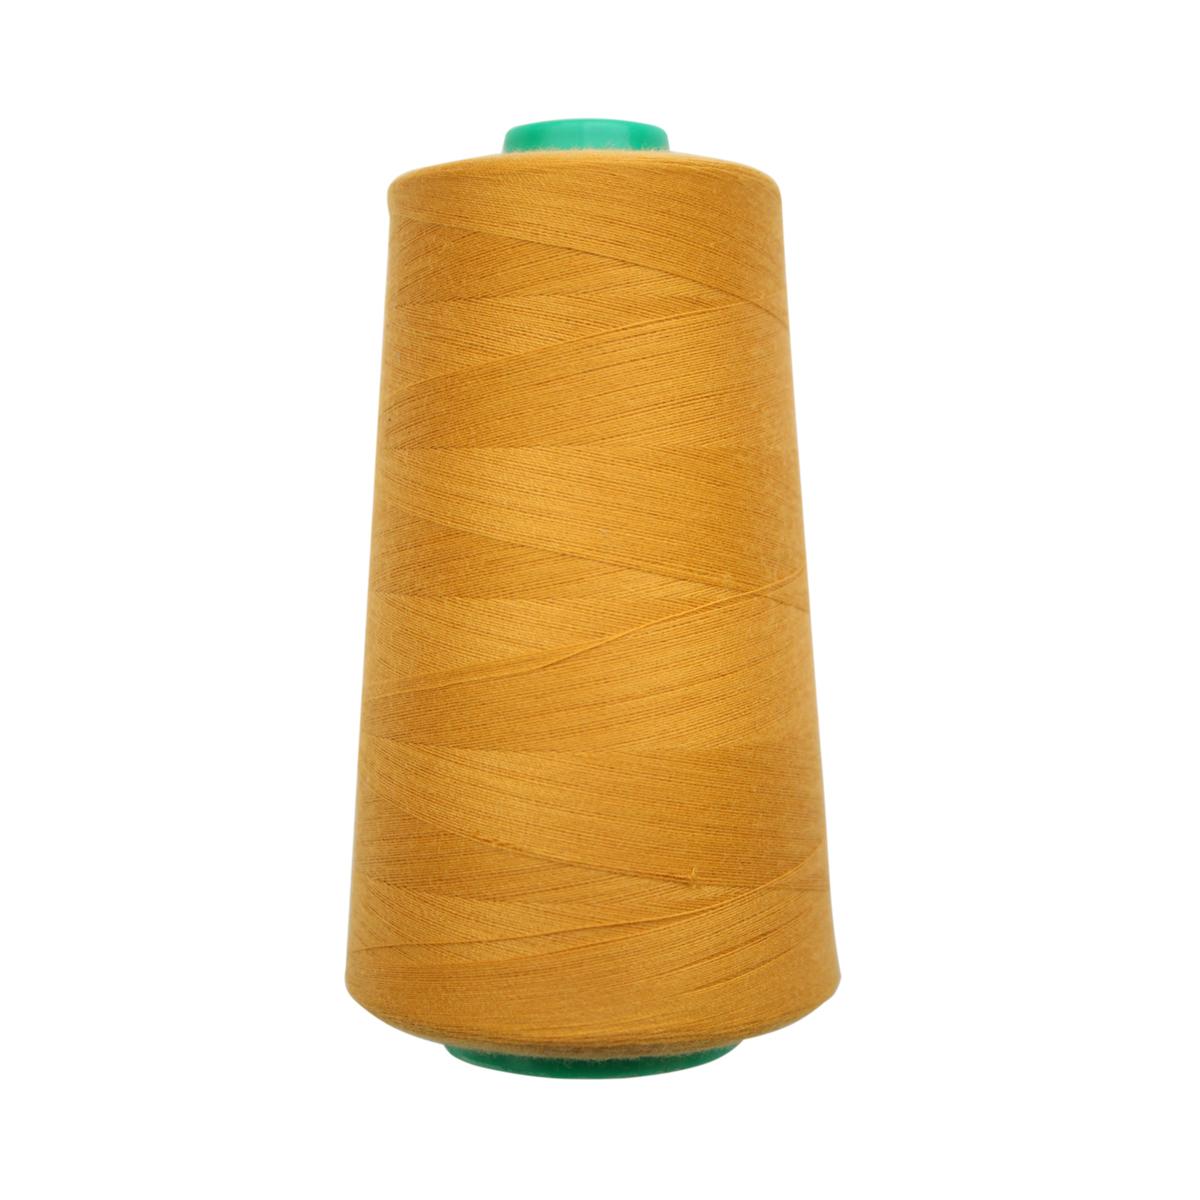 Нитки для шитья Bestex, цвет: пастельно-горчичный (017), 50/2, 5000 ярд набор шкатулок для рукоделия bestex 3 шт zw001250